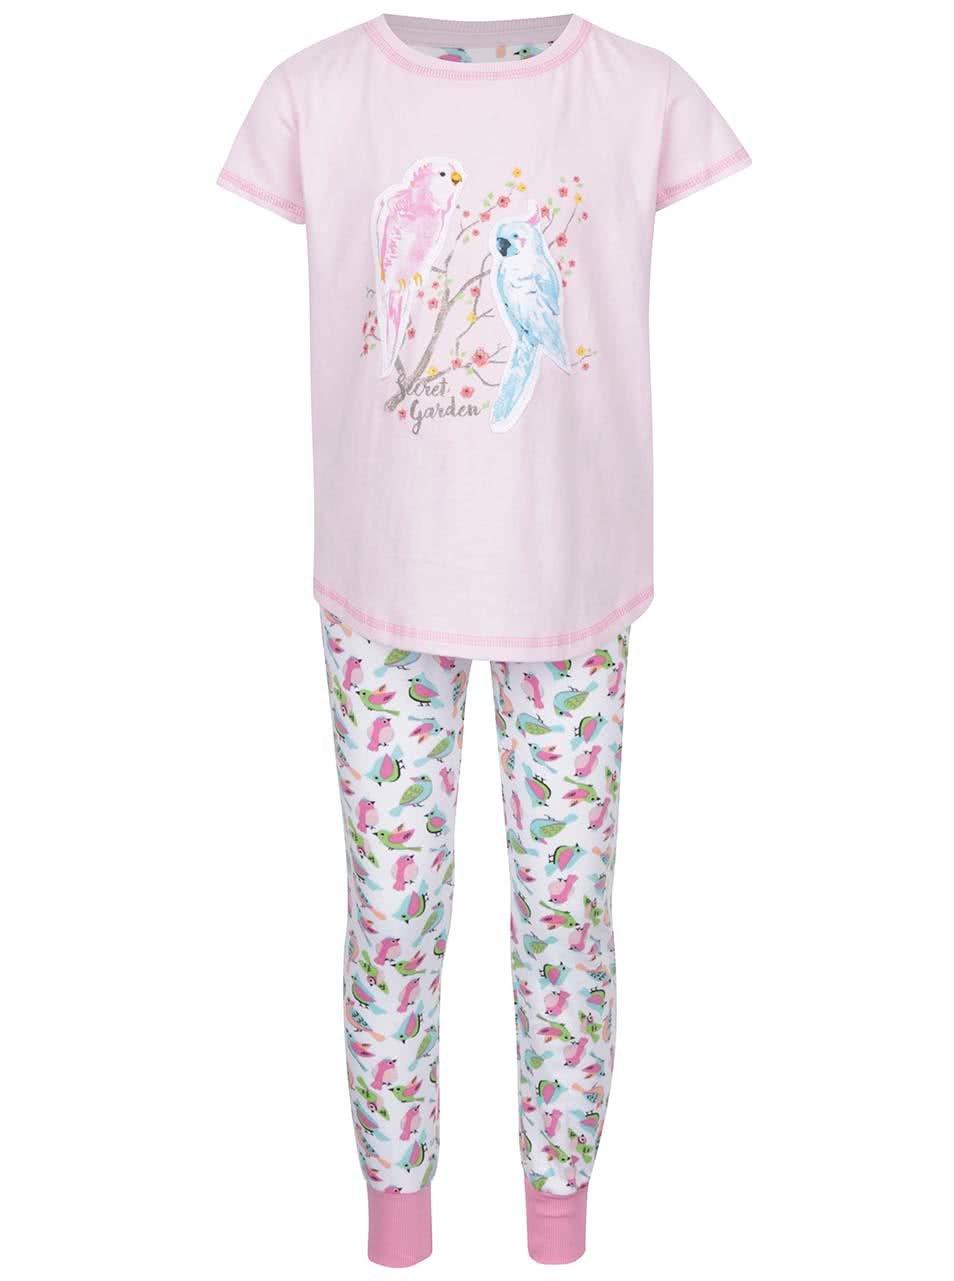 Bílo-růžové pyžamo s motivem papoušků 5.10.15.